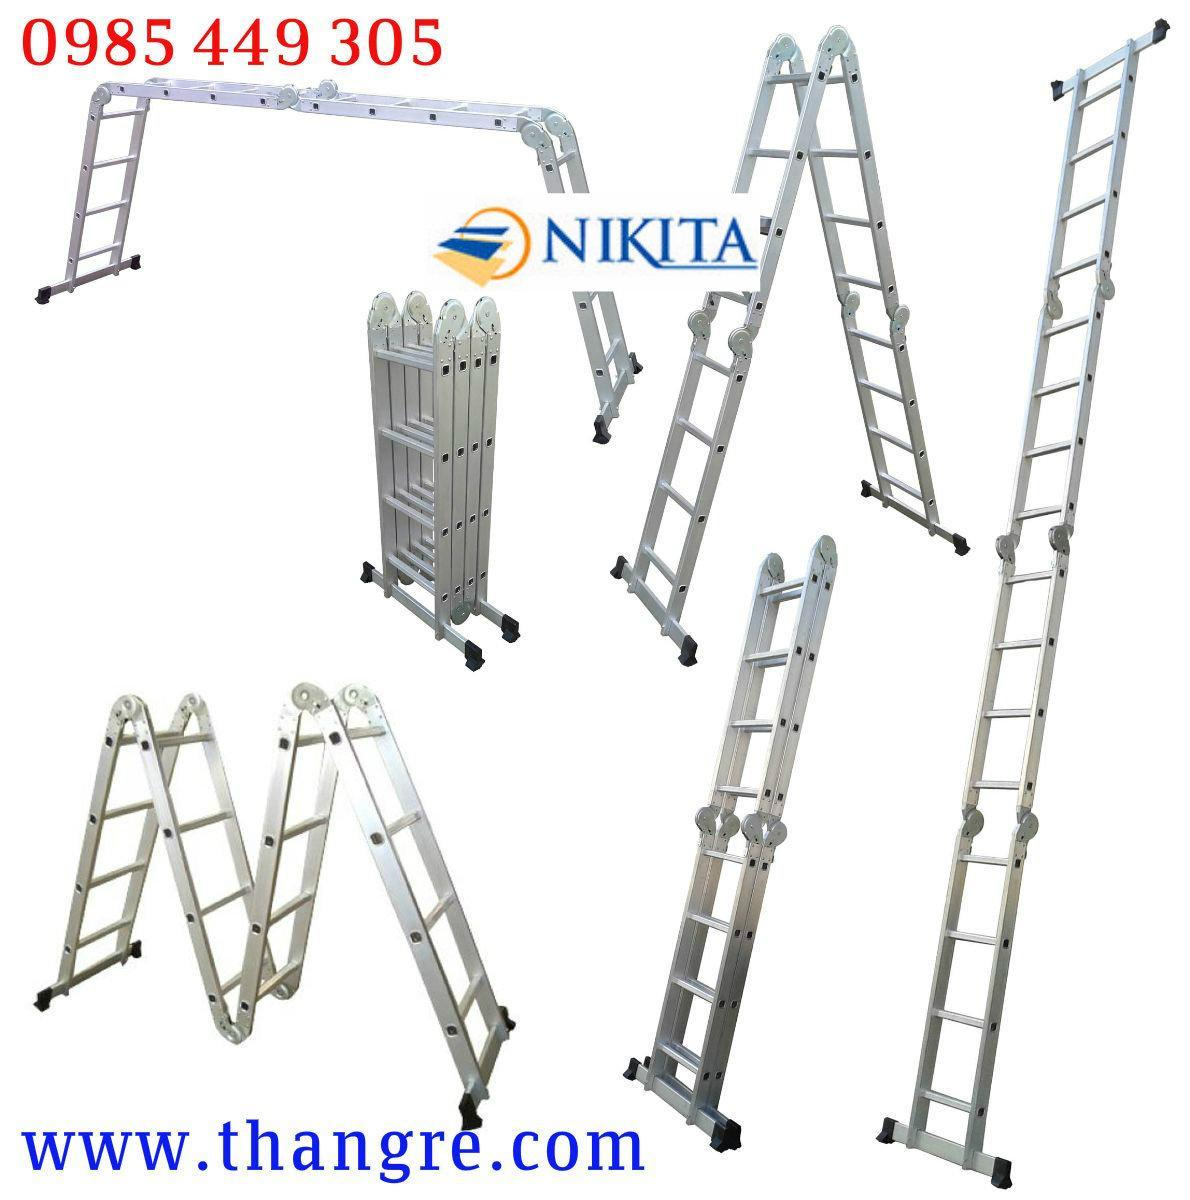 Thang nhôm gấp 4 đa năng Nikita cao 4,7m (G47)